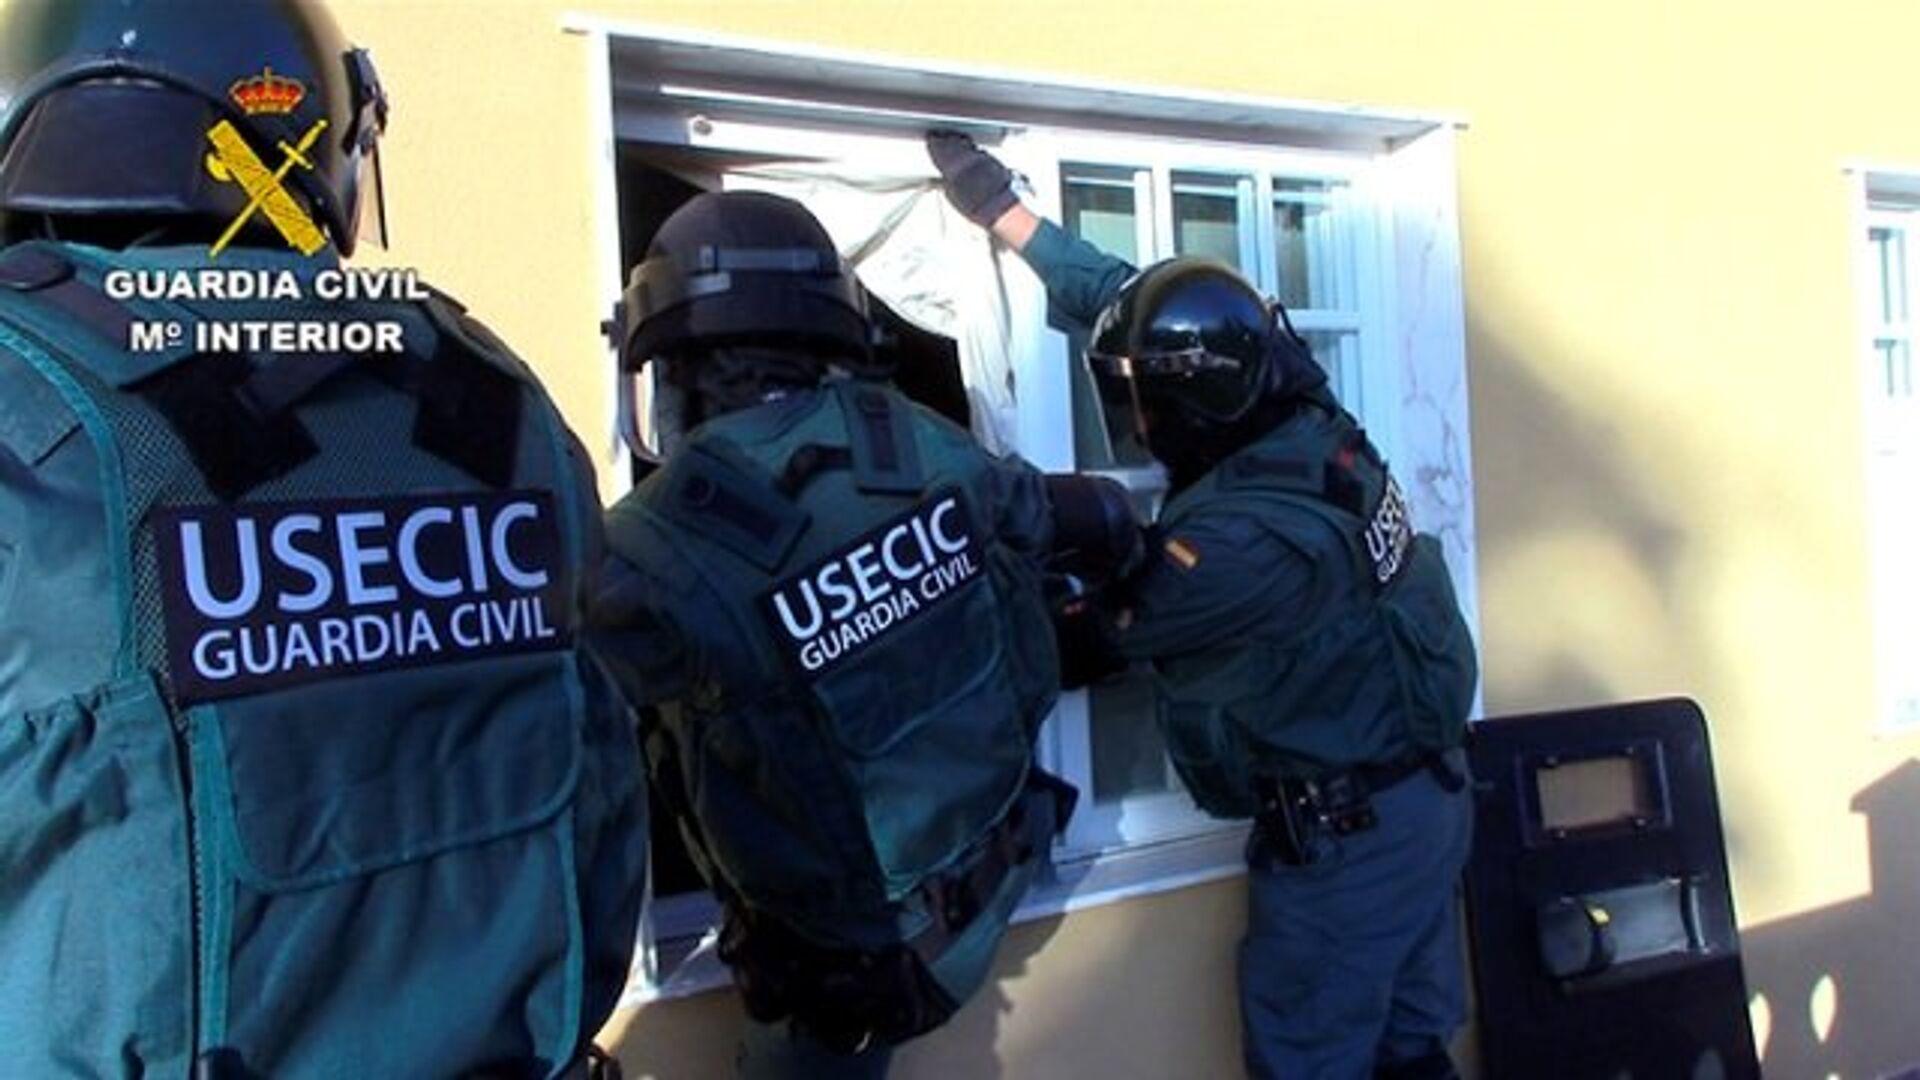 Национальная полиция Испании разоблачила деятельность группировки по торговле наркотиками - РИА Новости, 1920, 20.12.2020